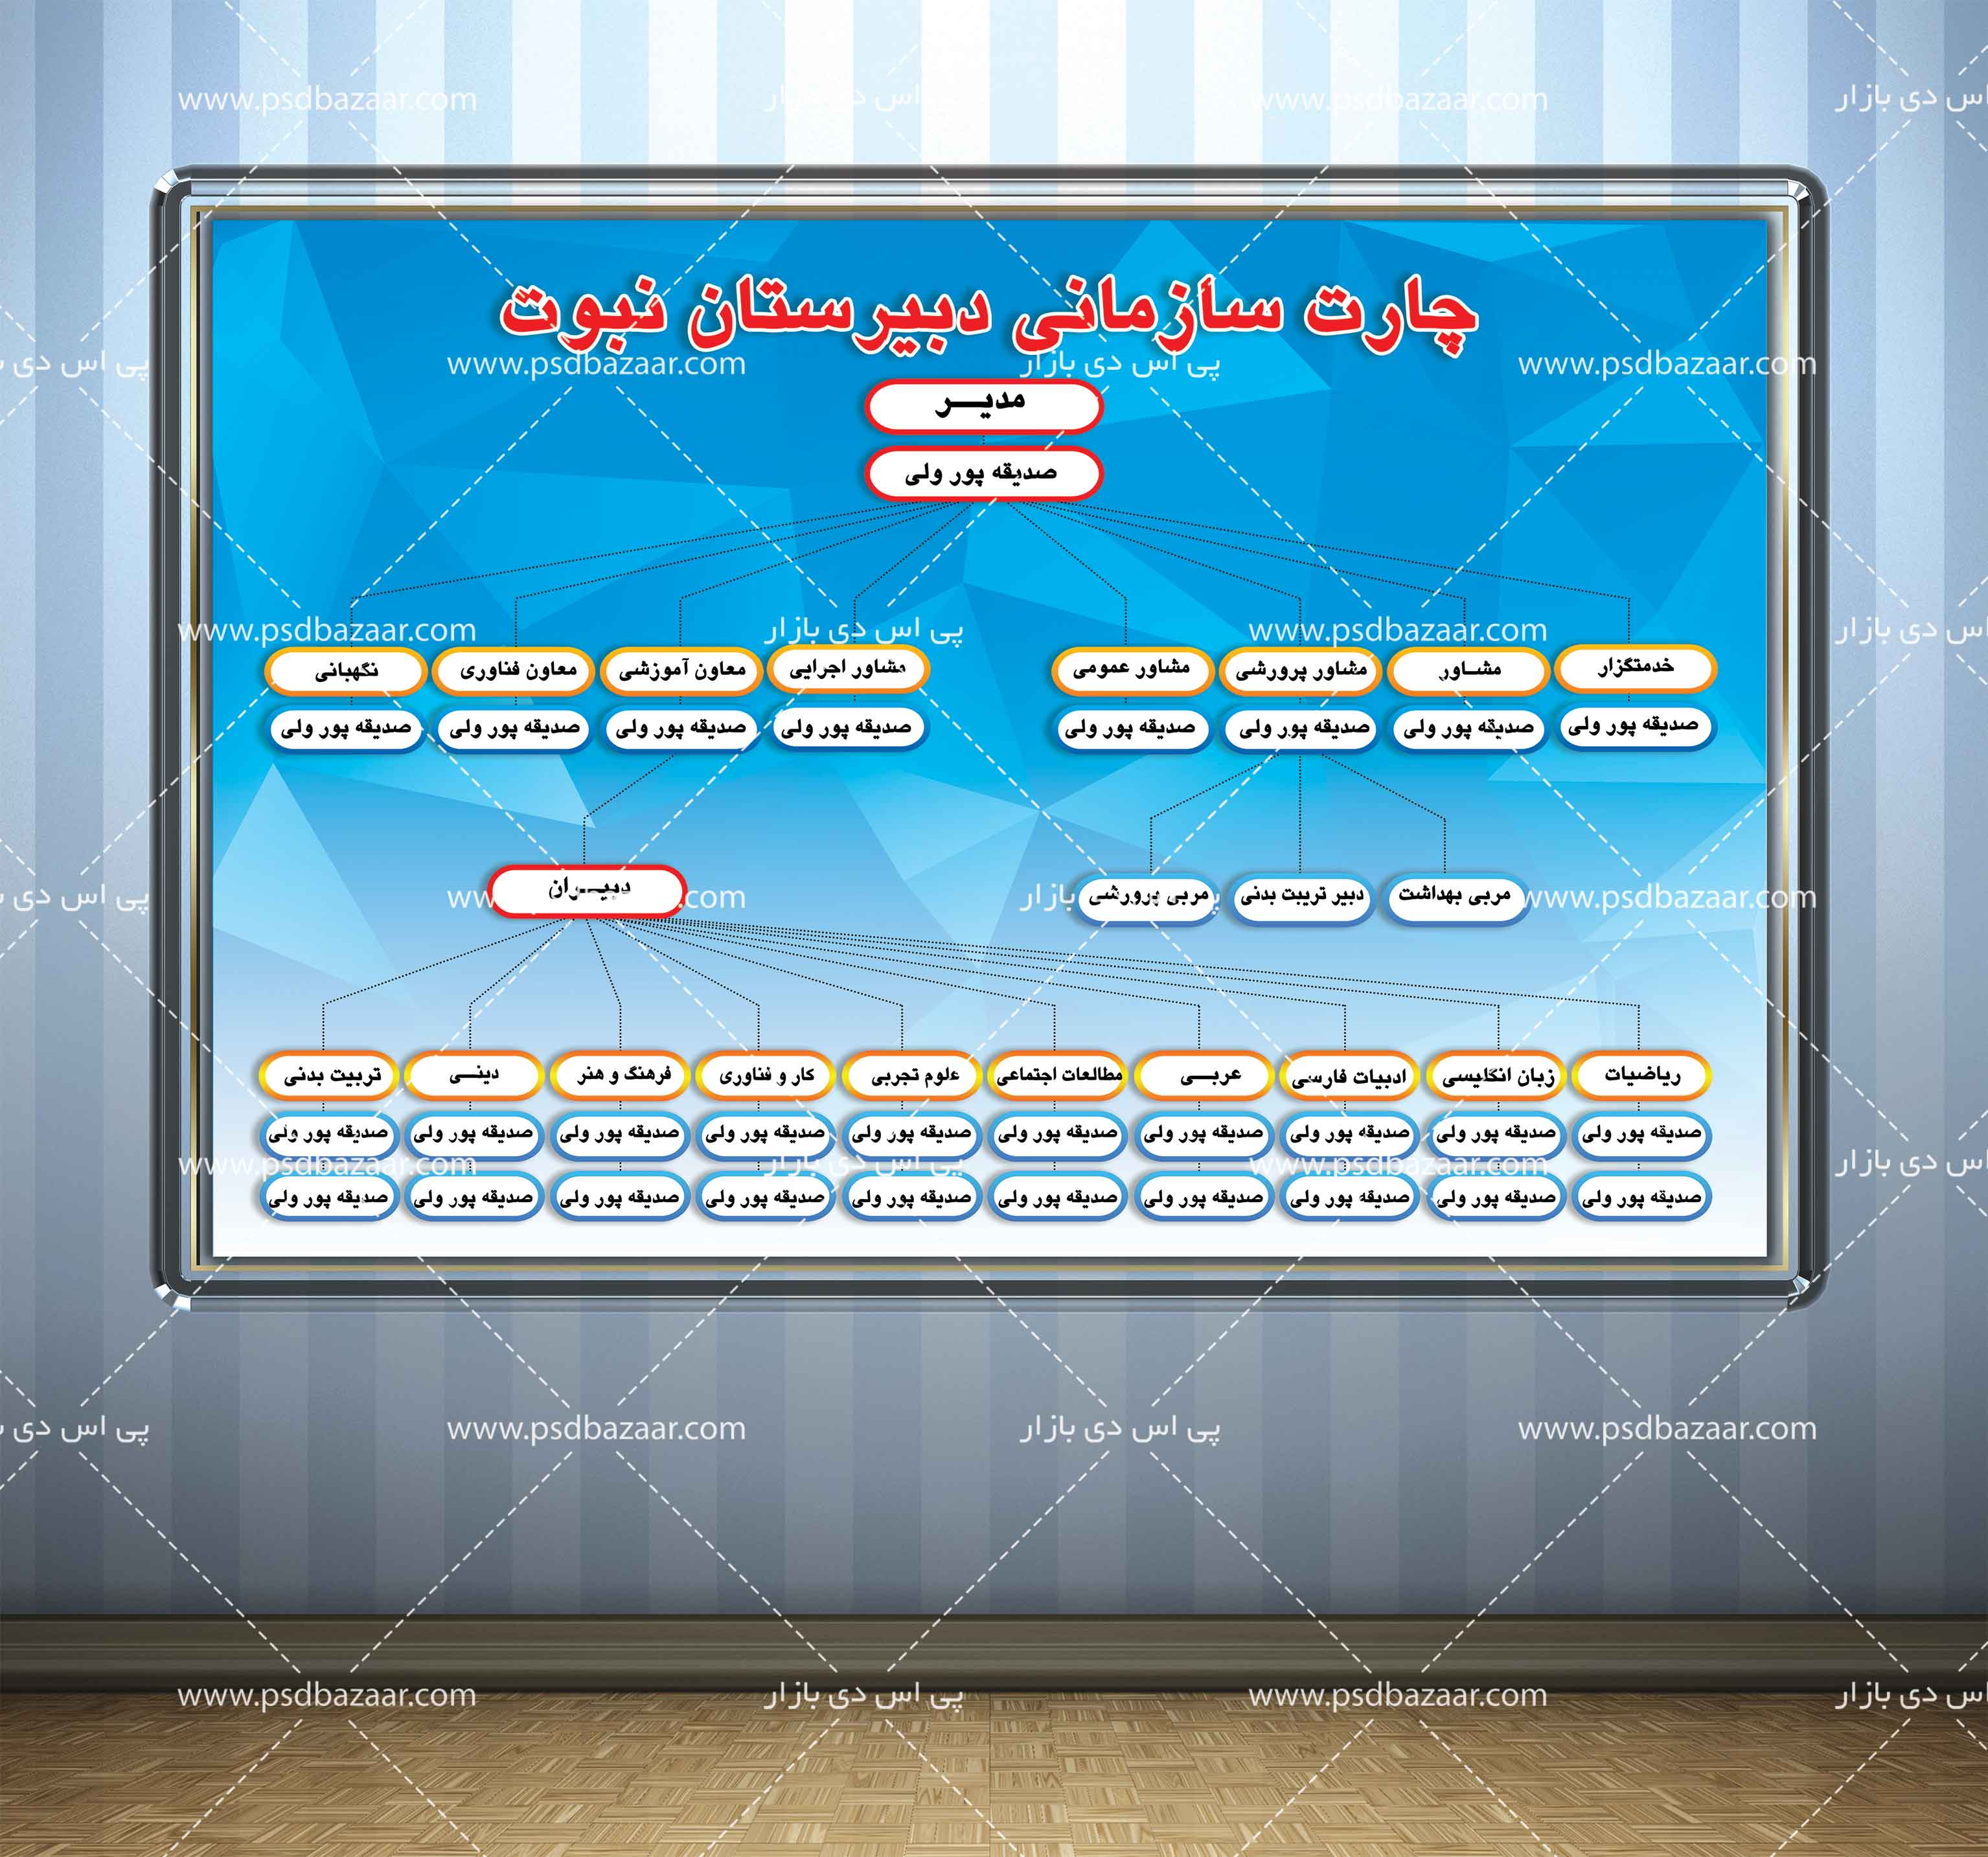 چارت سازمانی دبیرستان